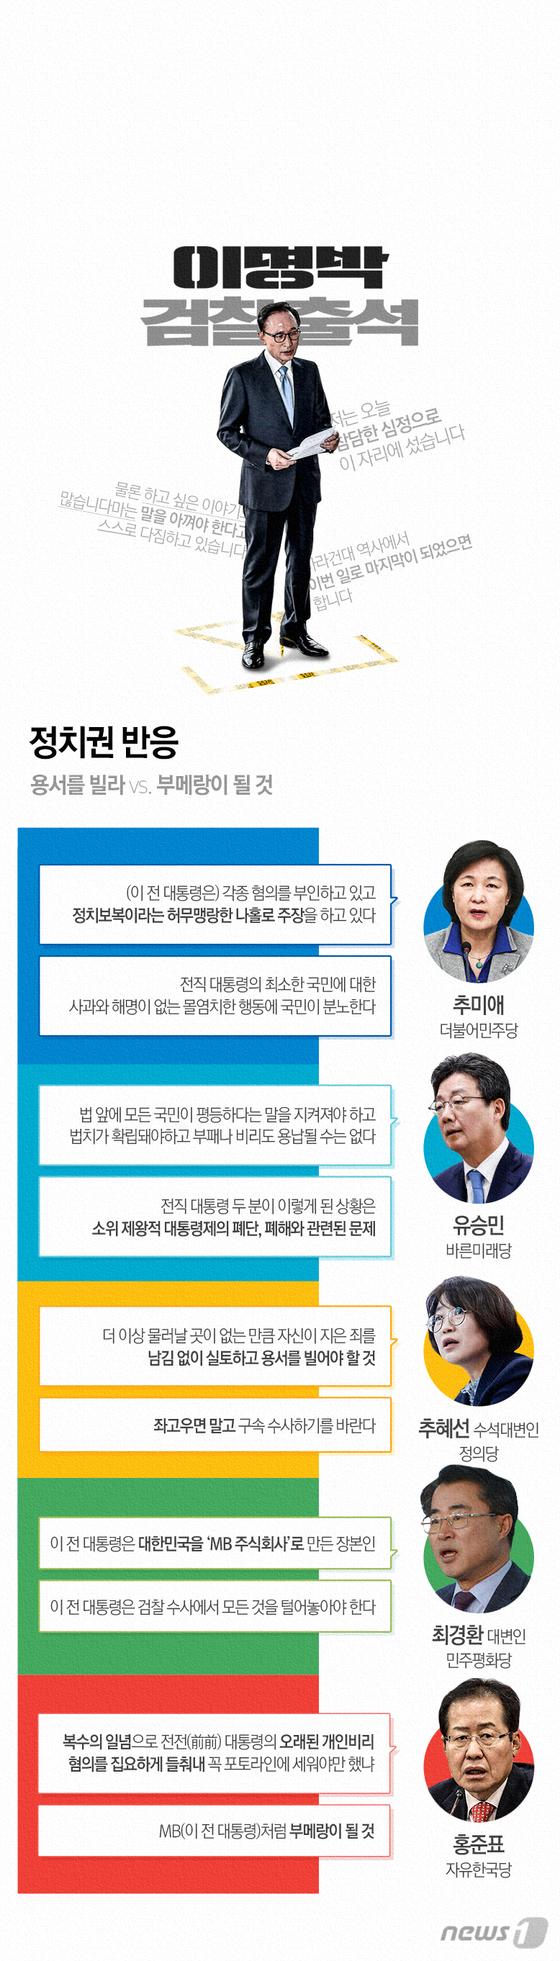 [그래픽뉴스]이명박 출석, 정치권 \'용서 빌라\'vs\'부메랑 될것\'